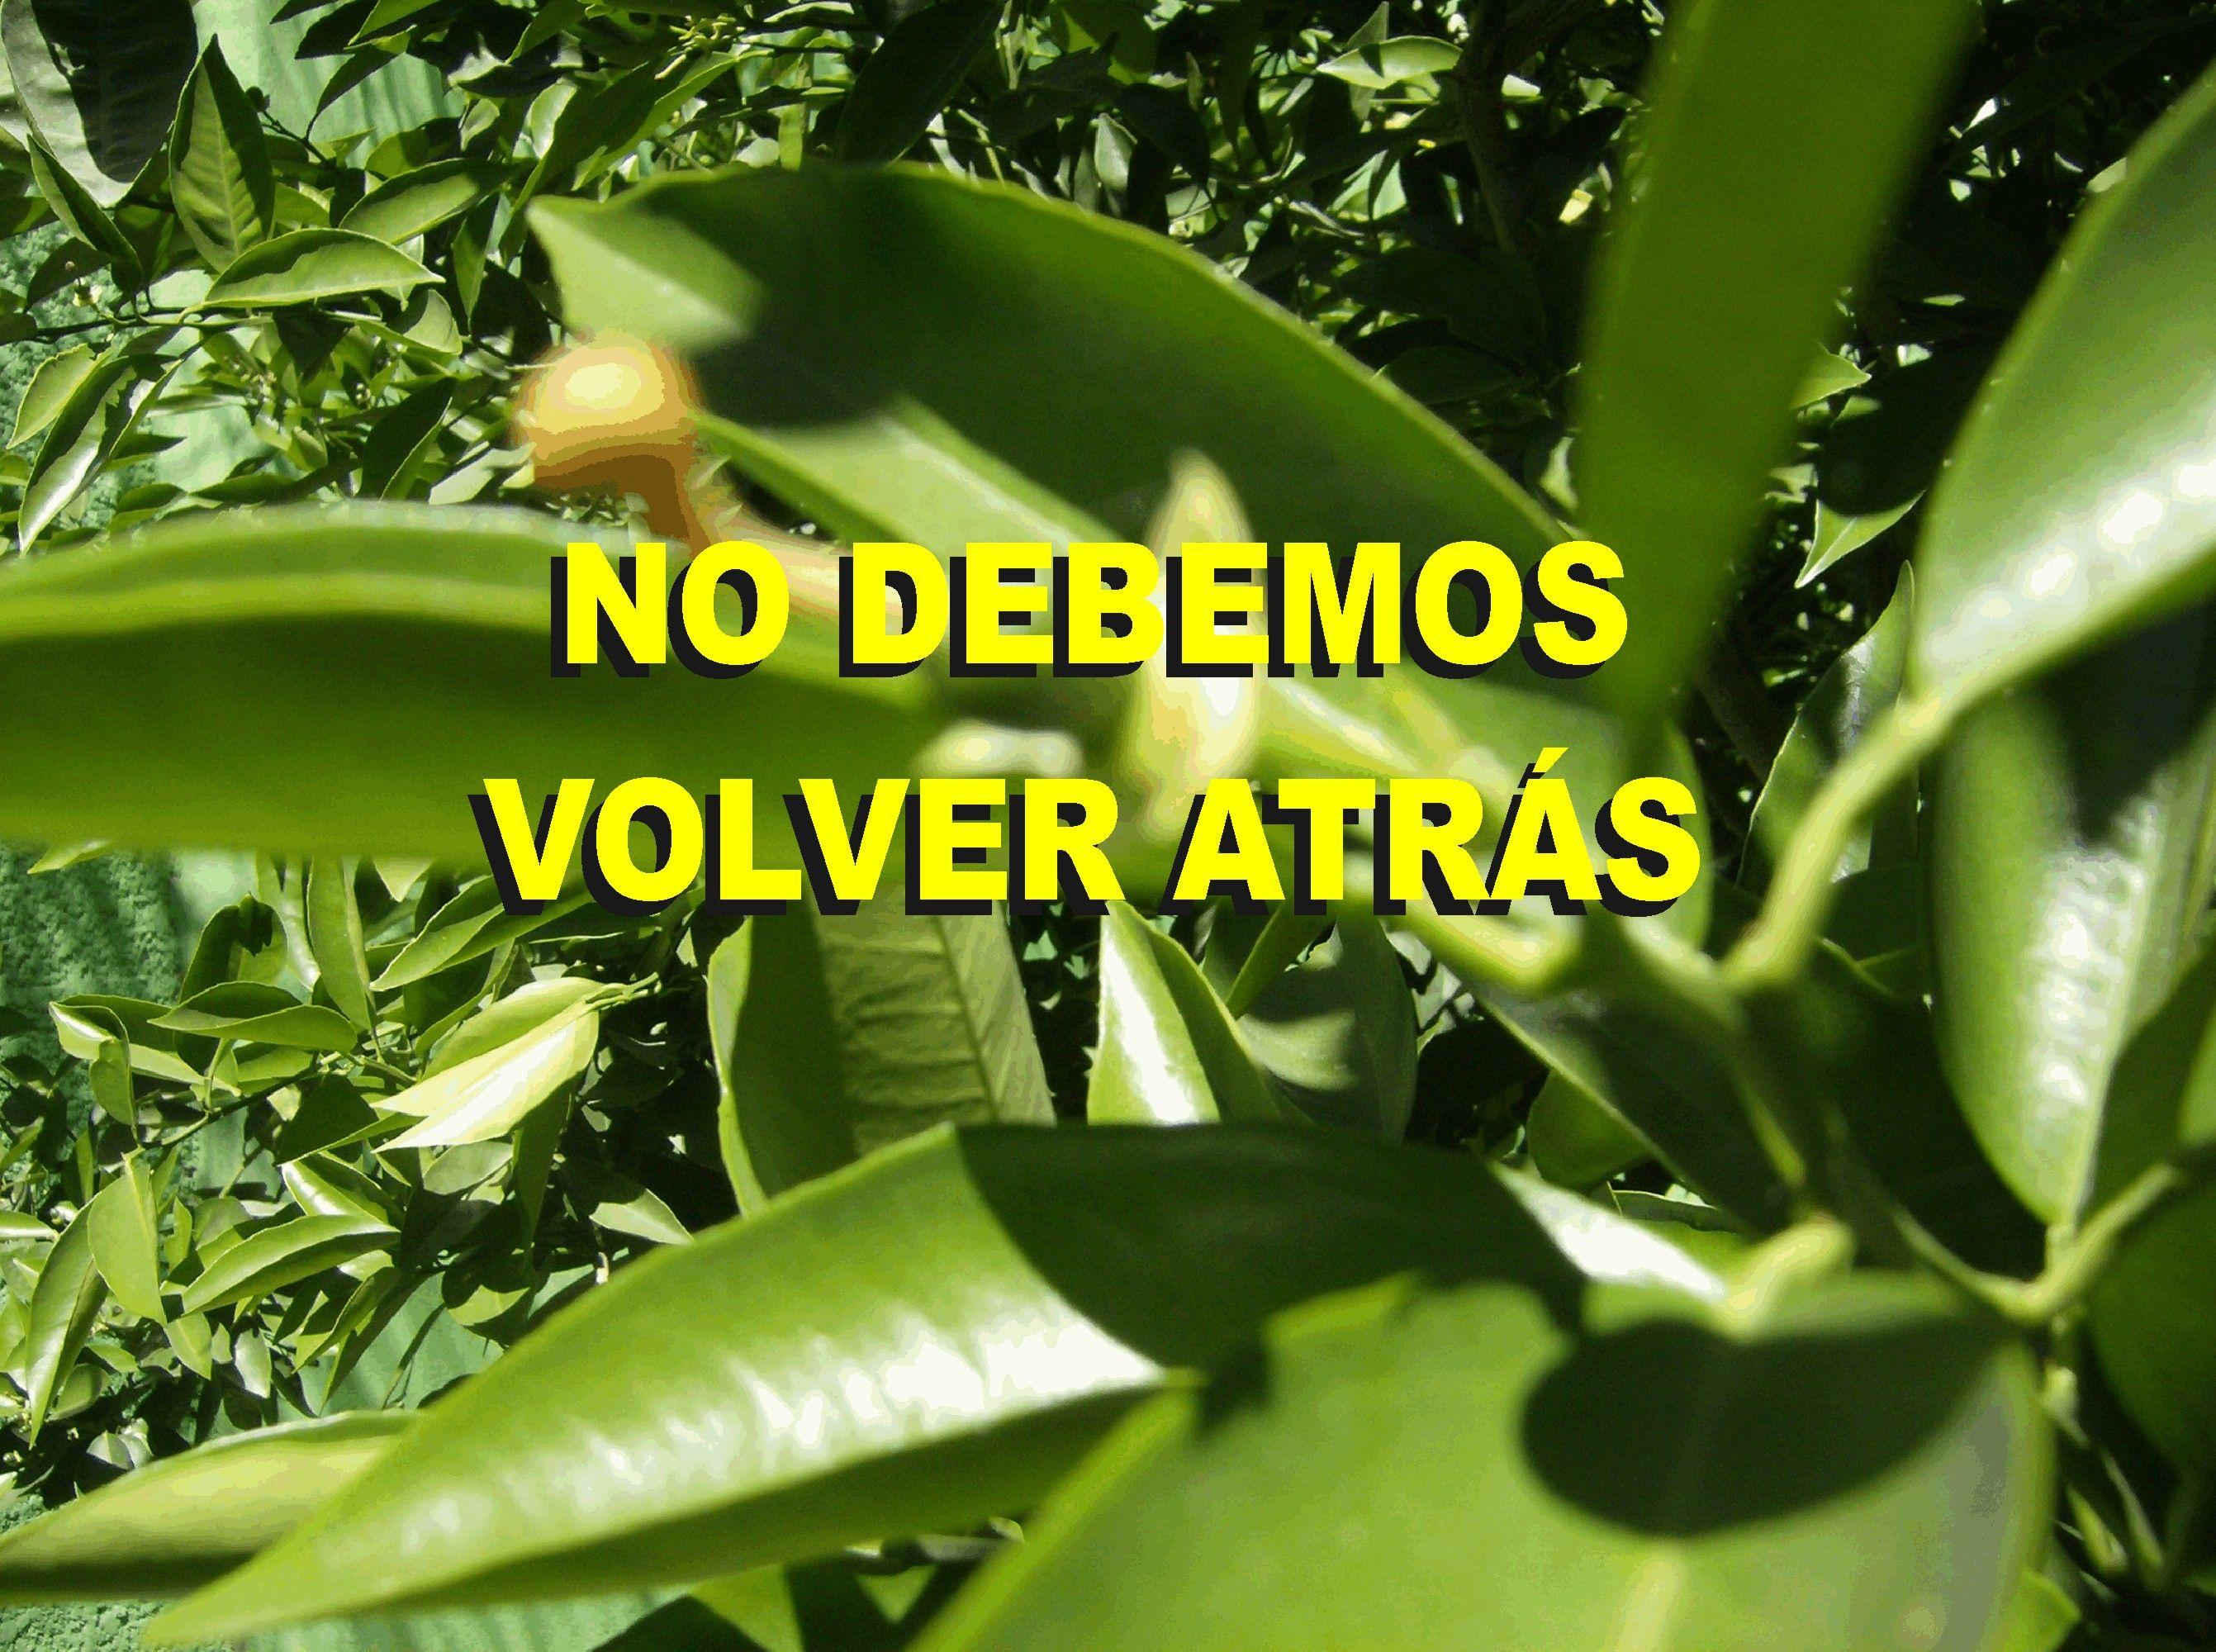 NO DEBEMOS VOLVER ATRÁS